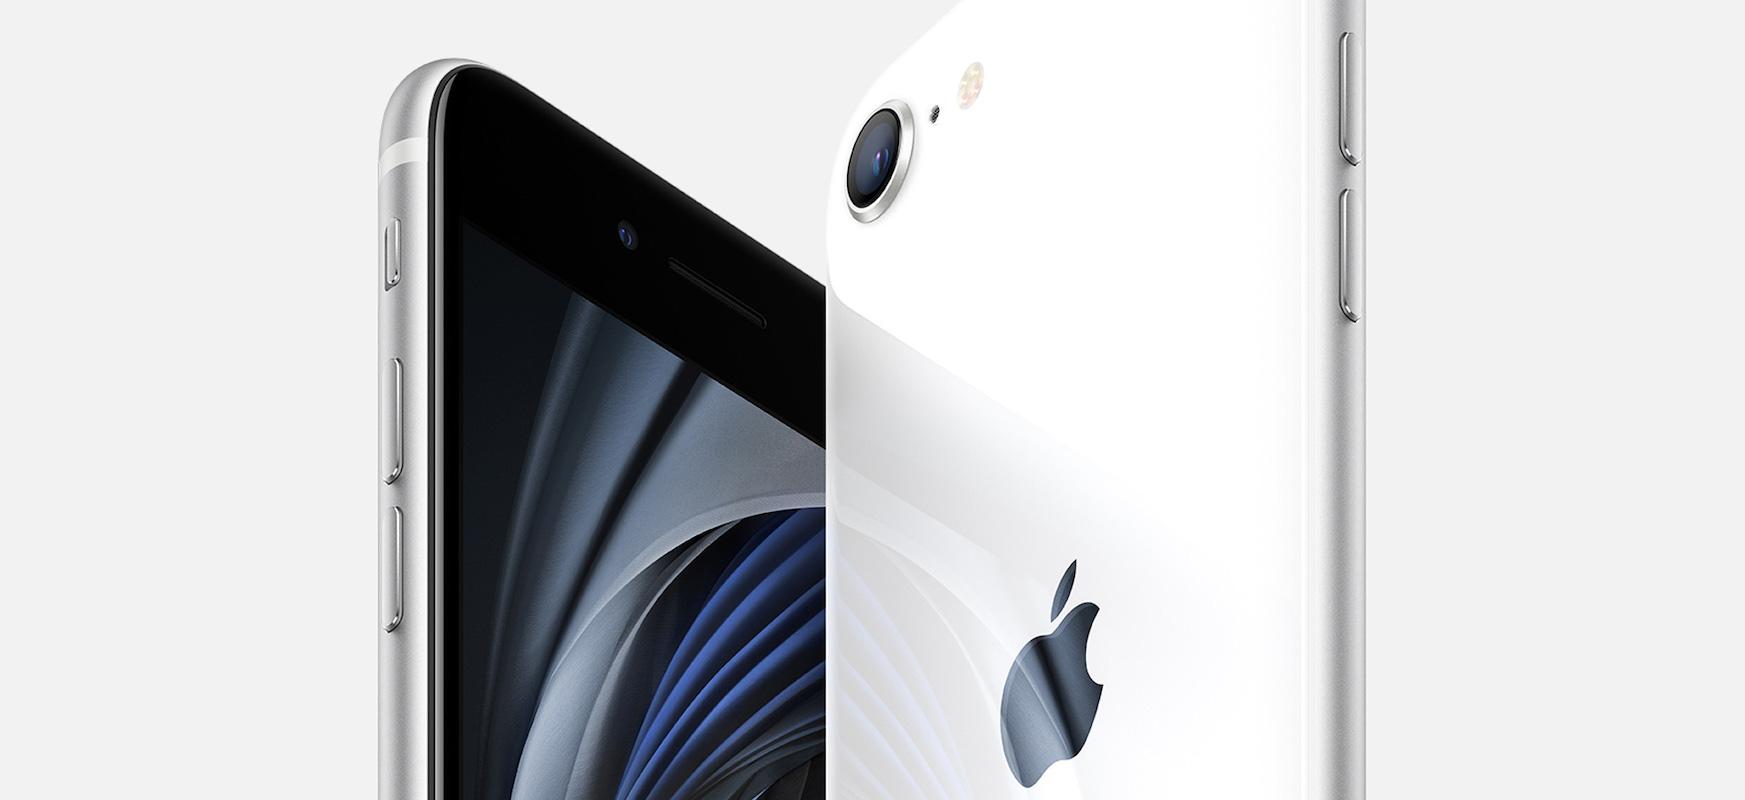 Apple iPhone SE-k (2020) ez digu dena esaten.  Zer galdu zuen egiaztatzen ari gara